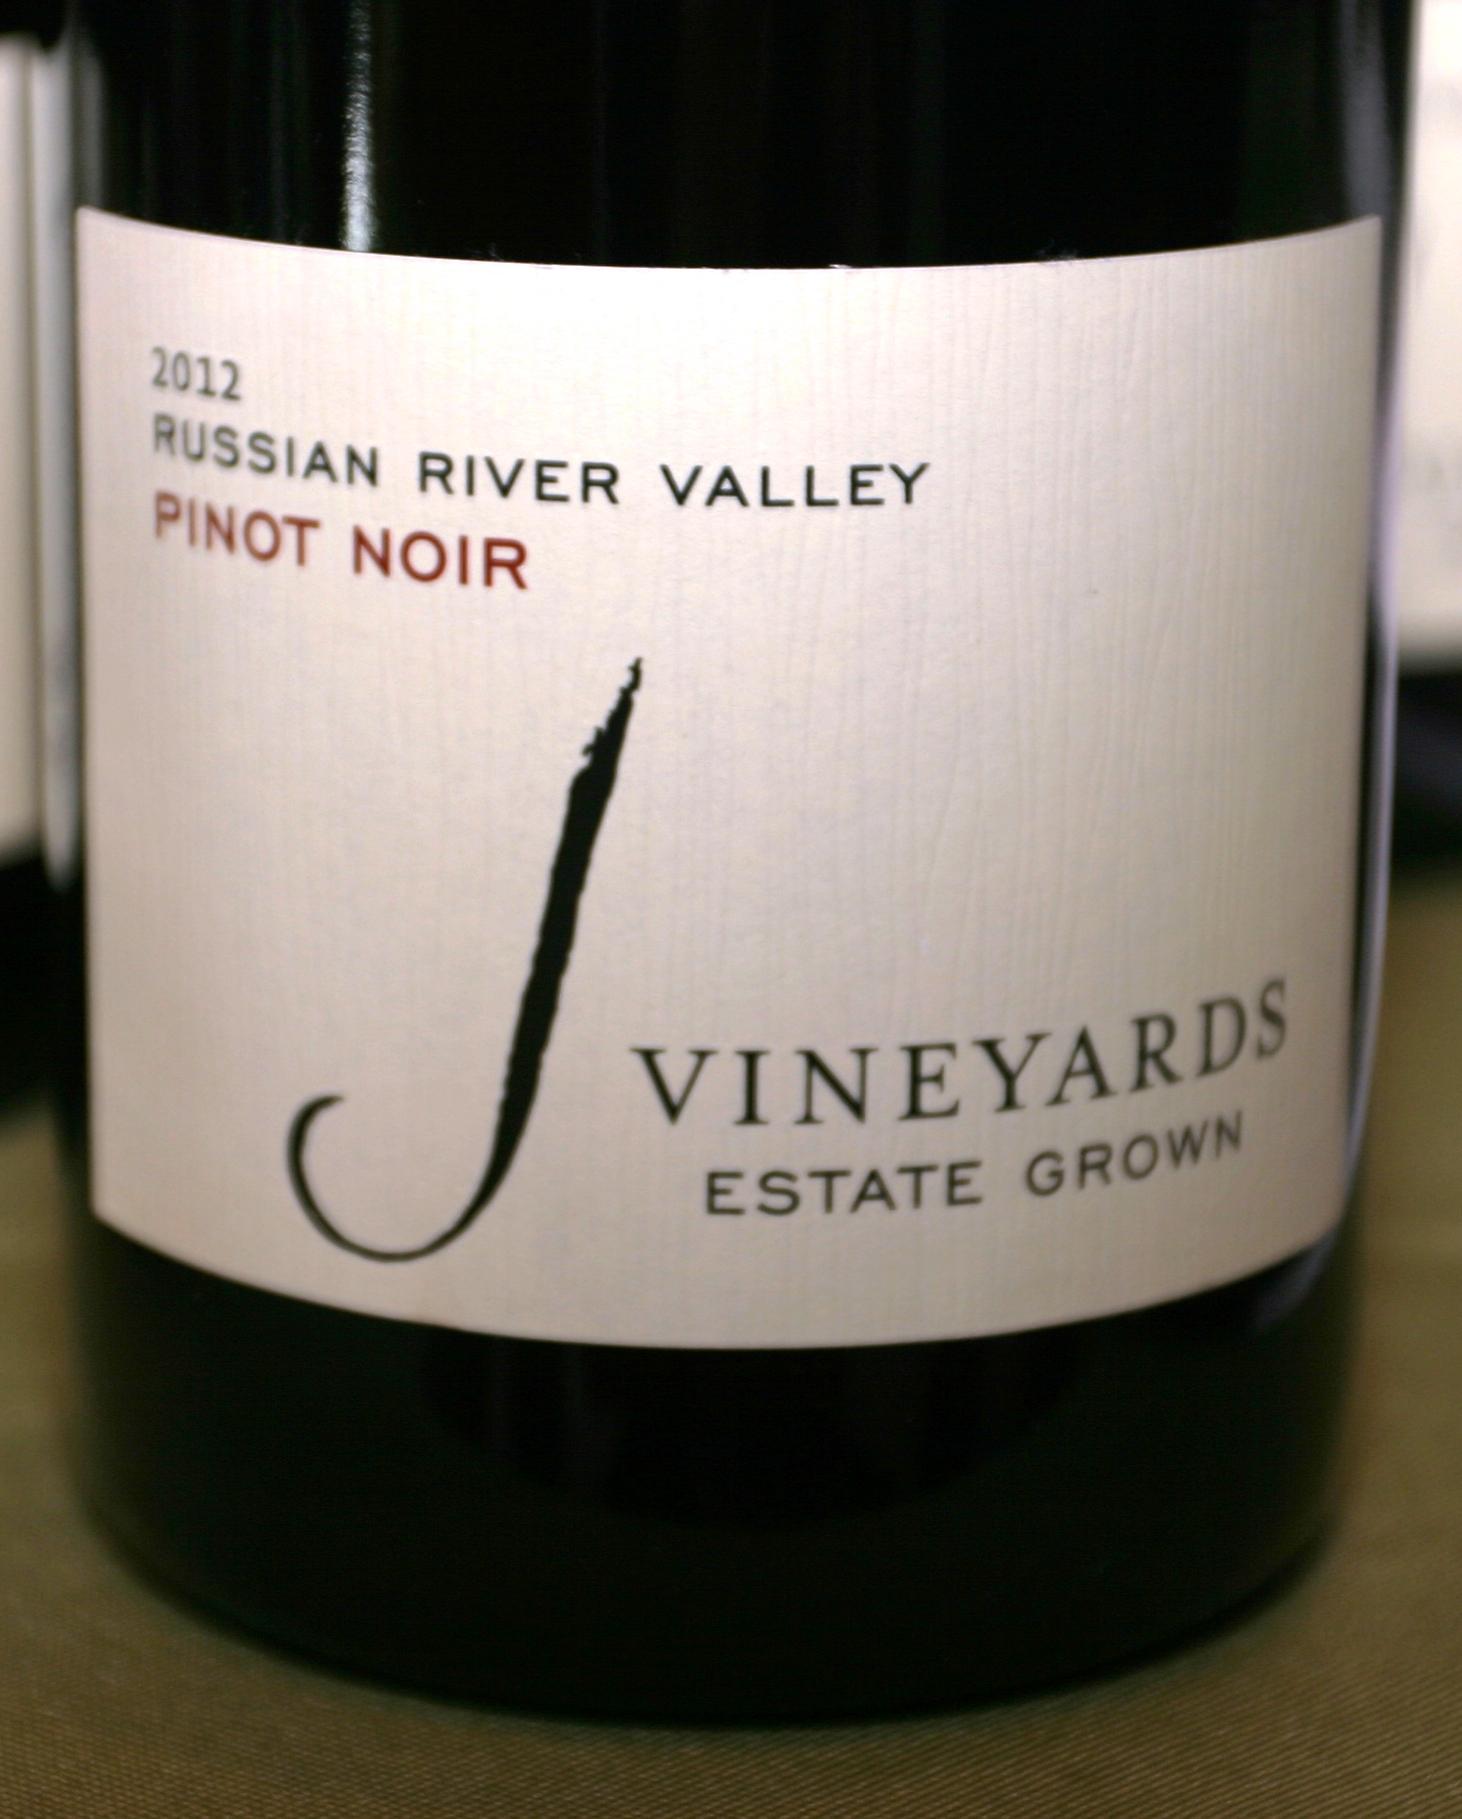 J Vineyard 2.JPG